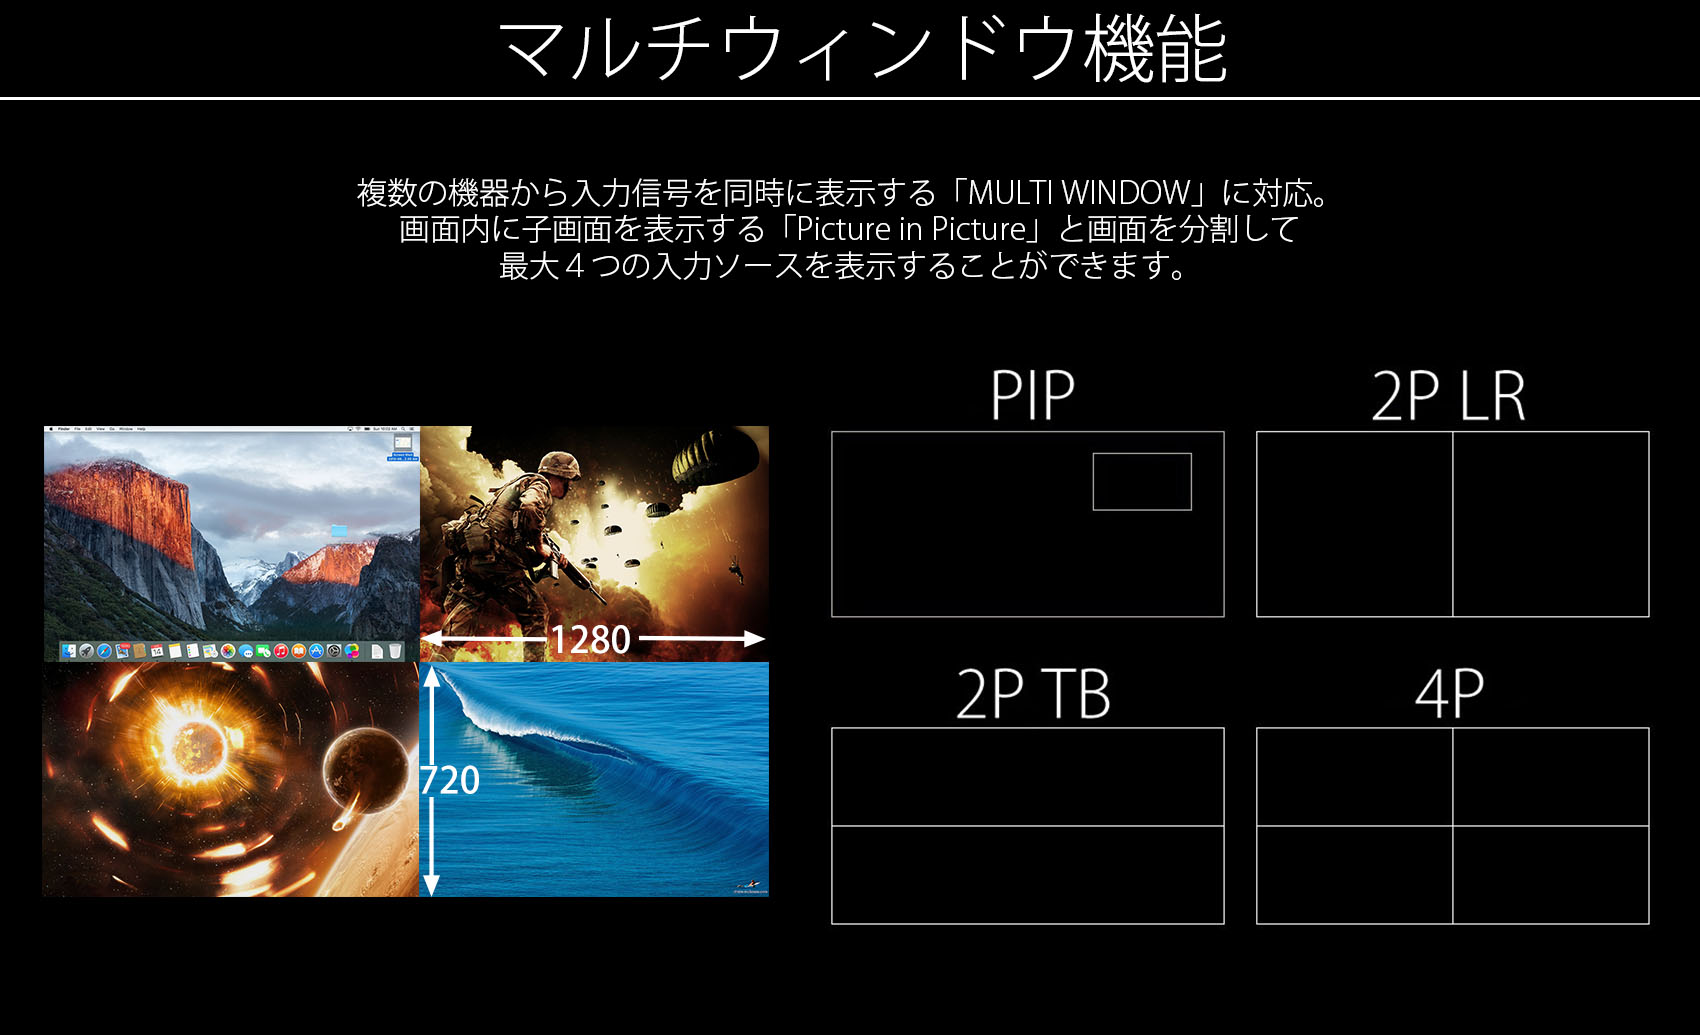 マルチウィンドウ機能搭載。複数の機器から入力信号を同時に表示する「MULTI WINDOW」に対応。画面内に子画面を表示する「Picture in Picture」と画面を分割して最大2つの入力ソースを表示する「Picture by Picture」を利用することができる。